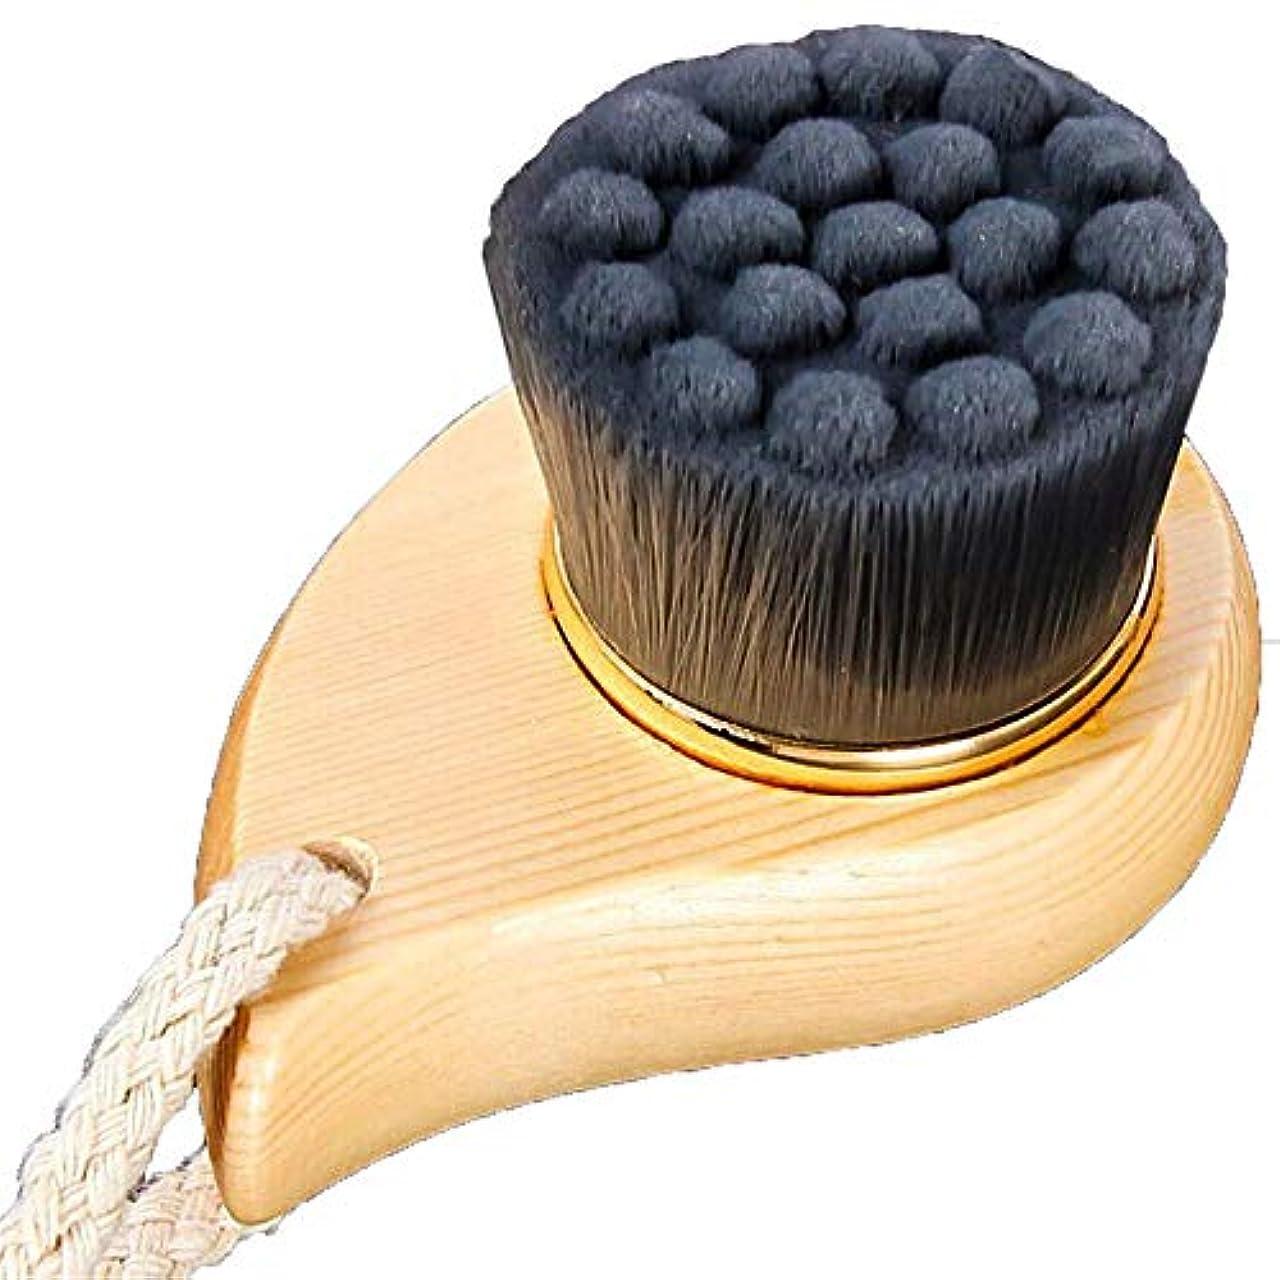 空港密輸リフレッシュ洗顔ブラシ 深い毛穴のための柔らかい剛毛の表面クリーニングの美のブラシの清潔になることの美顔術のブラシ ディープクレンジングスキンケア用